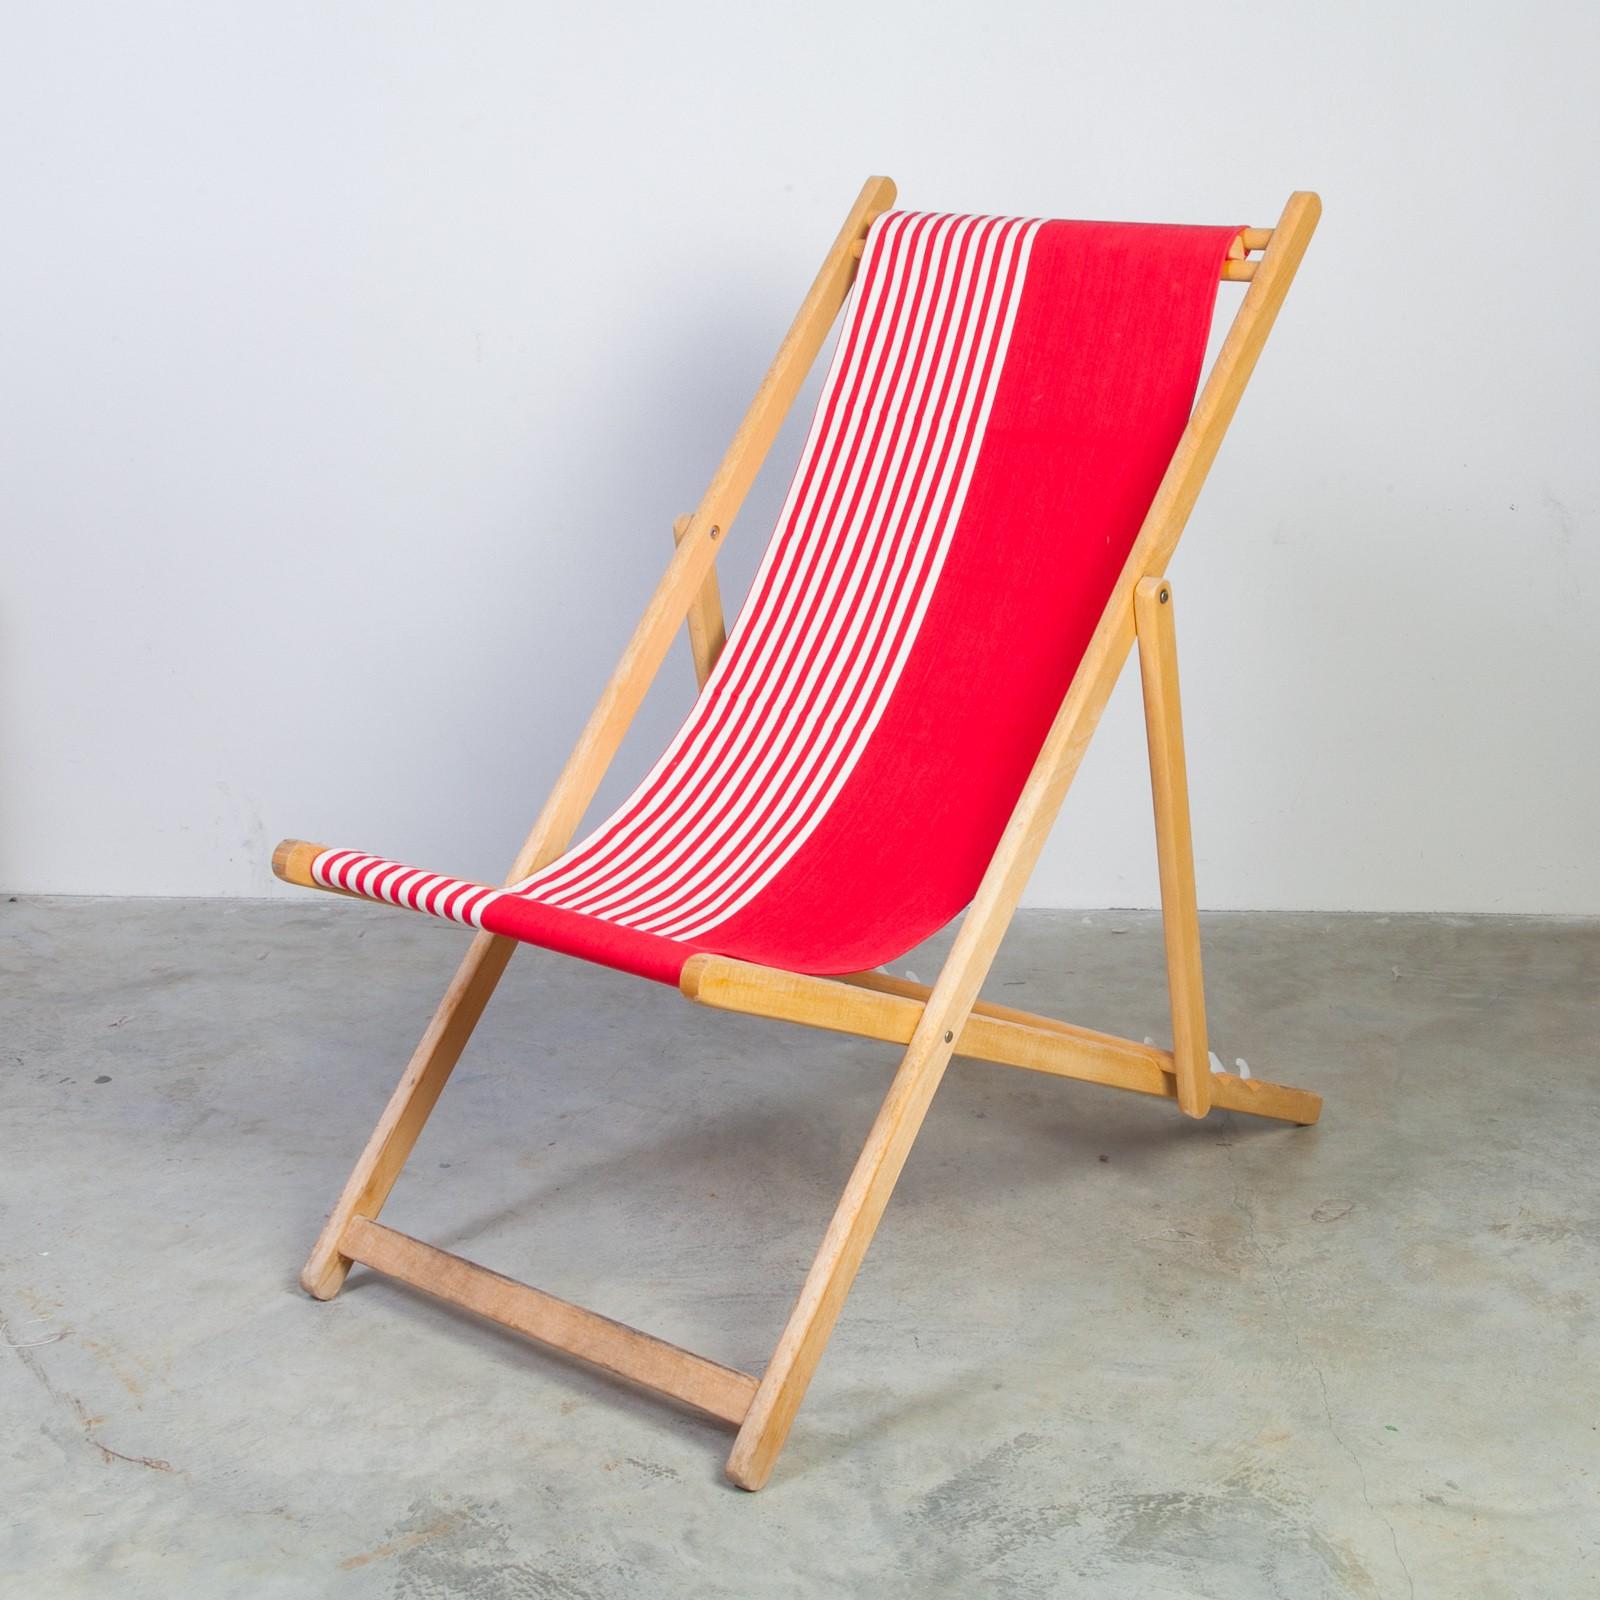 transat en toile cheap toile tendance pour transat chaise. Black Bedroom Furniture Sets. Home Design Ideas